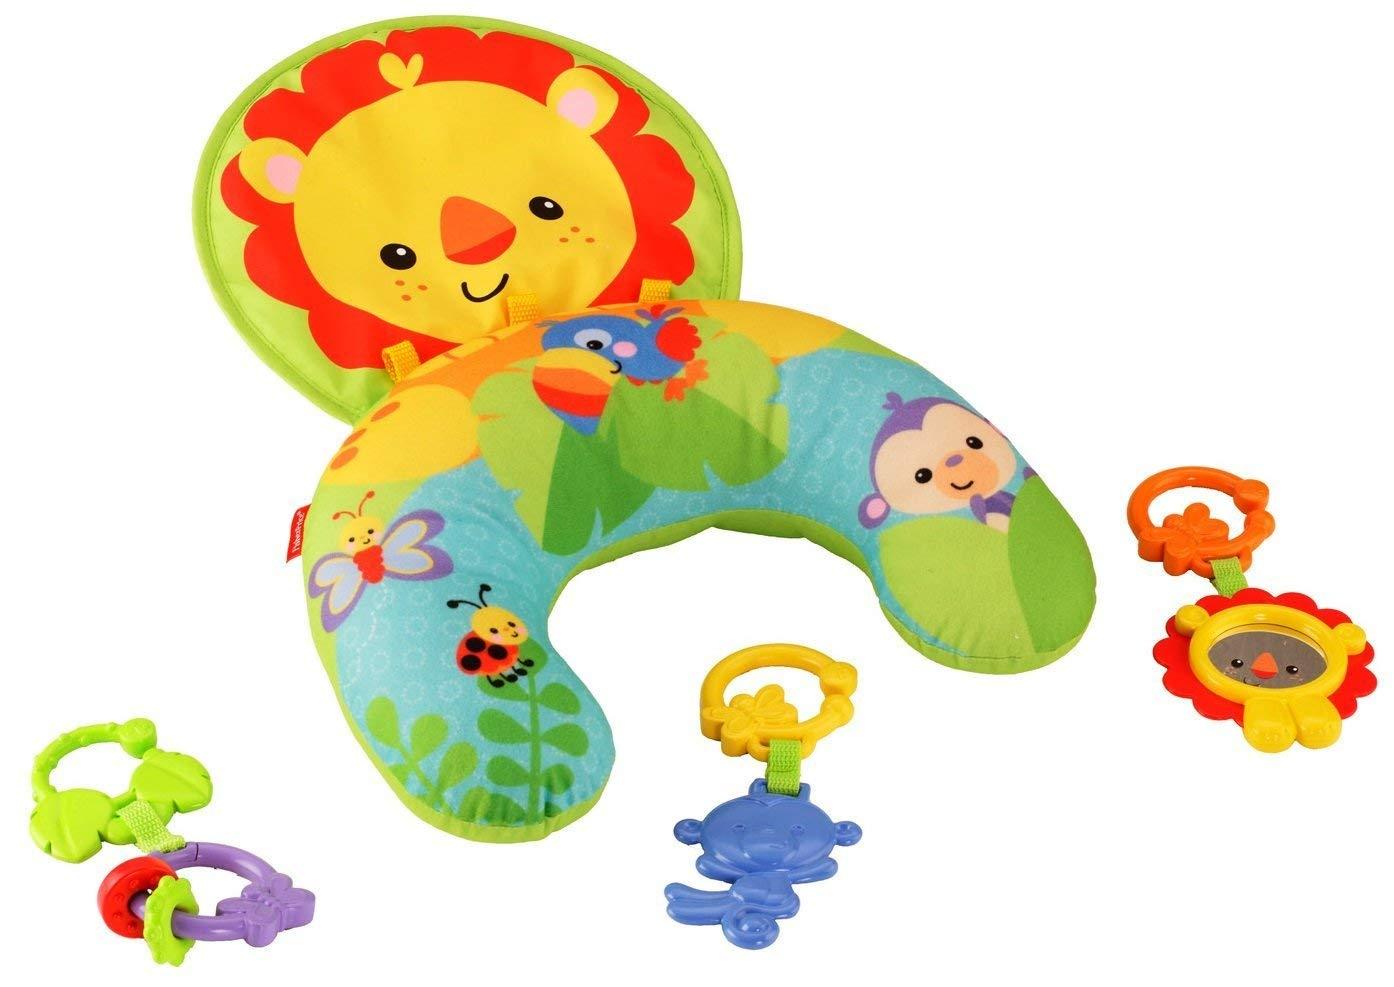 [Amazon.es] Fisher-Price Spielkissen, mit abnehmbarem Spielzeug, Babyerstausstattung, ab 0 Monaten